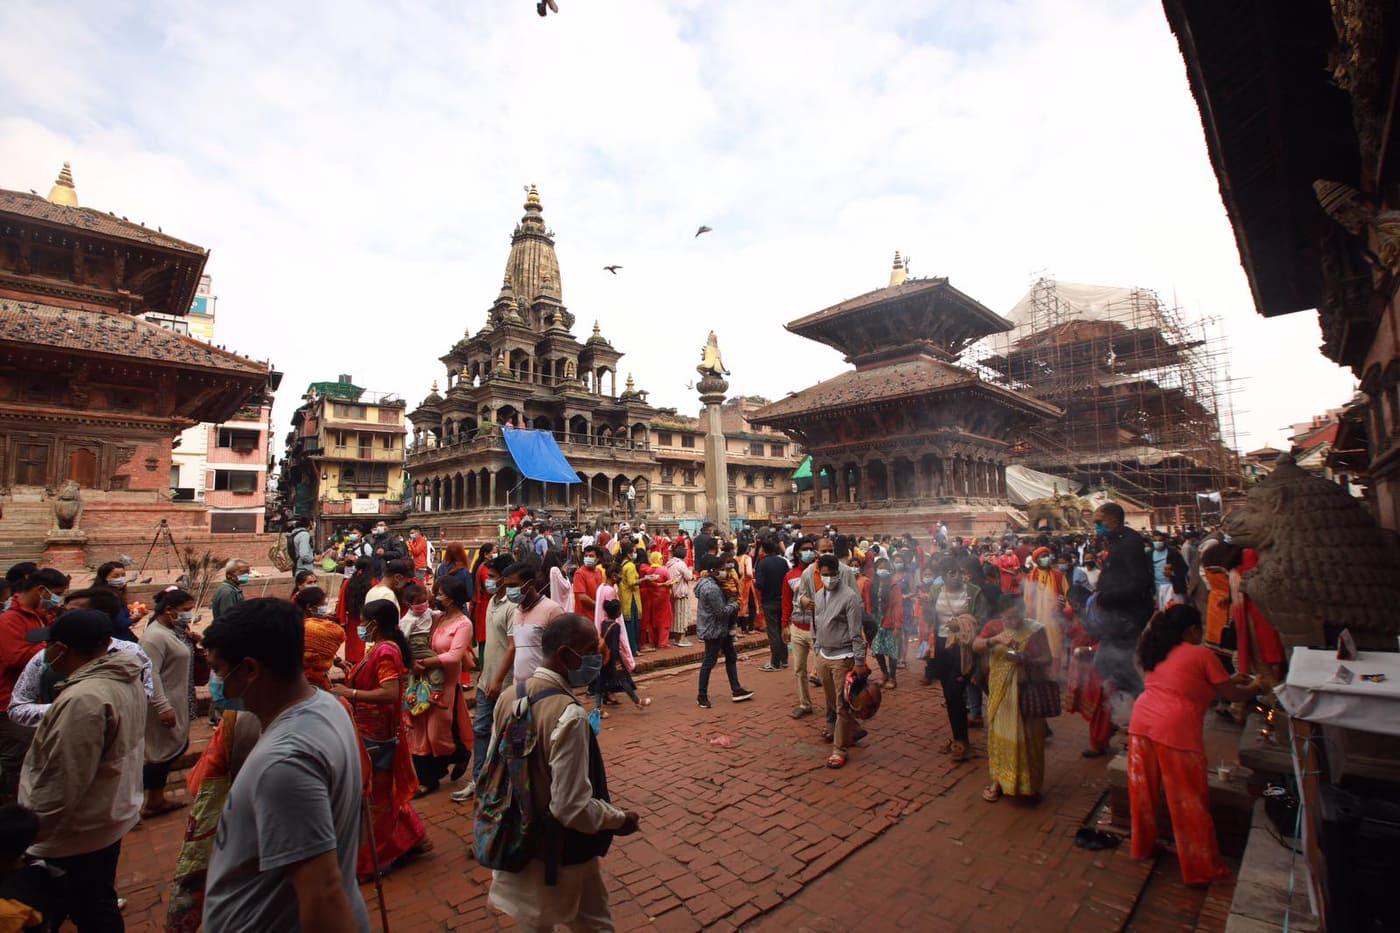 कोरोनाको बेवास्ता गर्दै कृष्ण मन्दिरमा भक्तजनको भिड (फोटोफिचर)